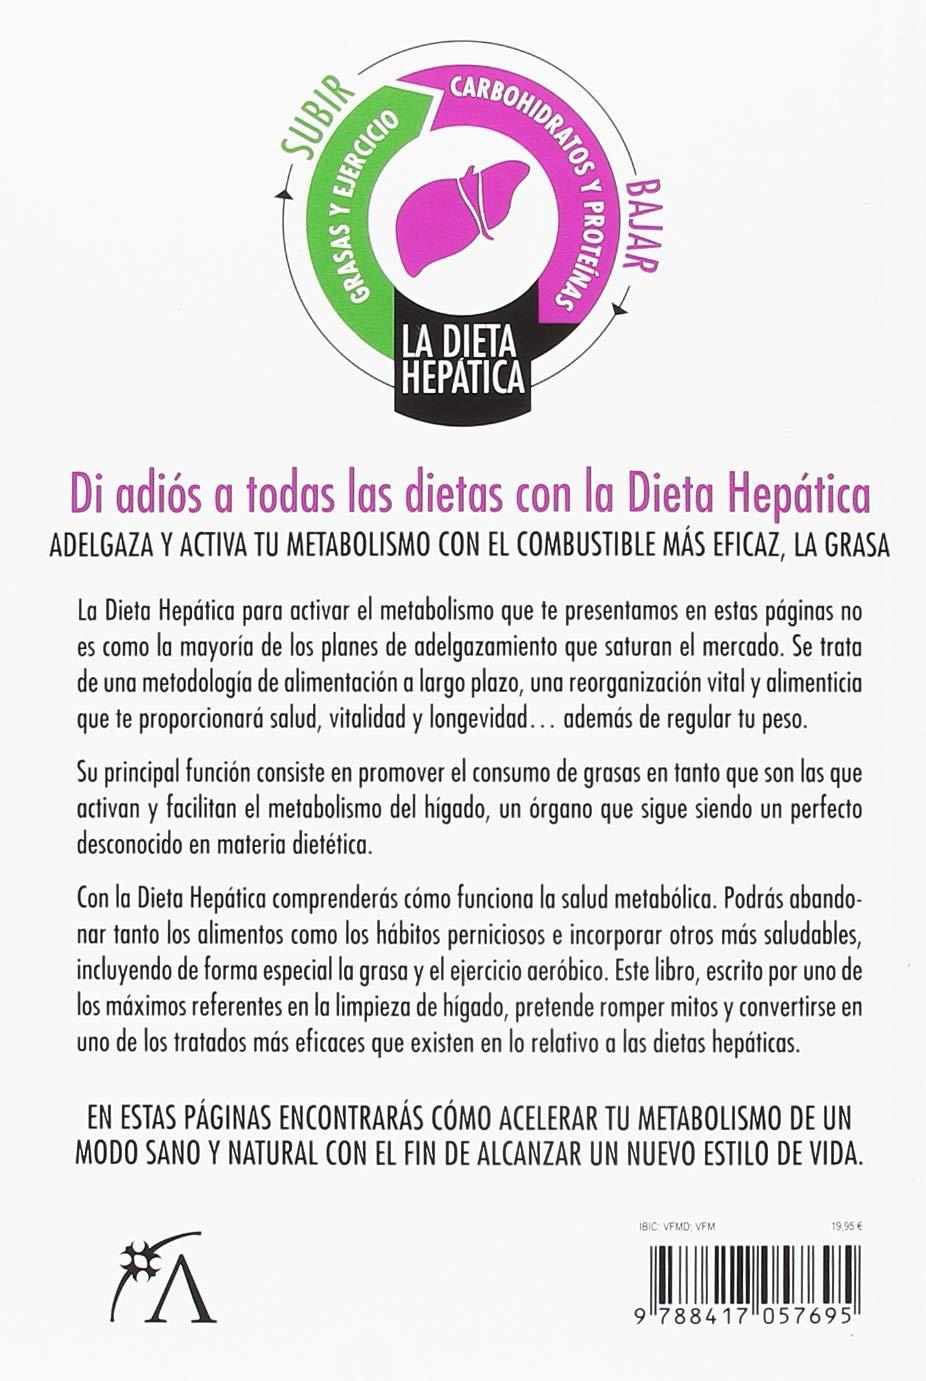 La dieta hepática (Salud): Amazon.es: Carlos de Vilanova: Libros